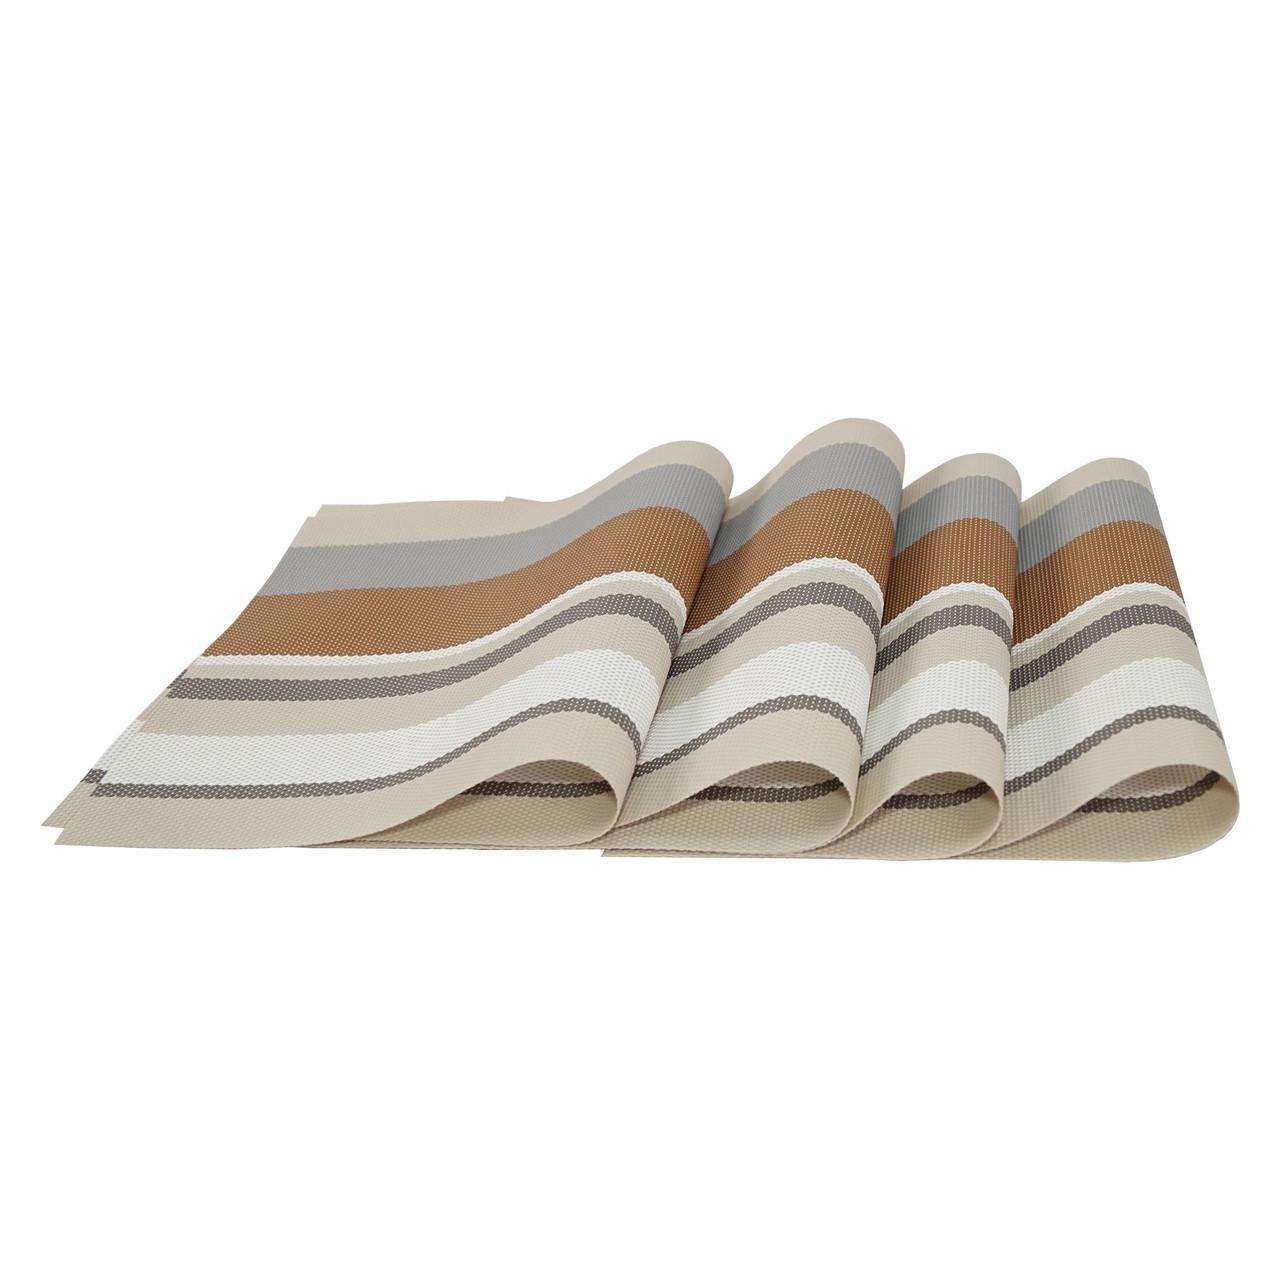 Коврики под тарелки на стол, сервировочные, набор, 4 шт., цвет - бежево-коричневый (NS)